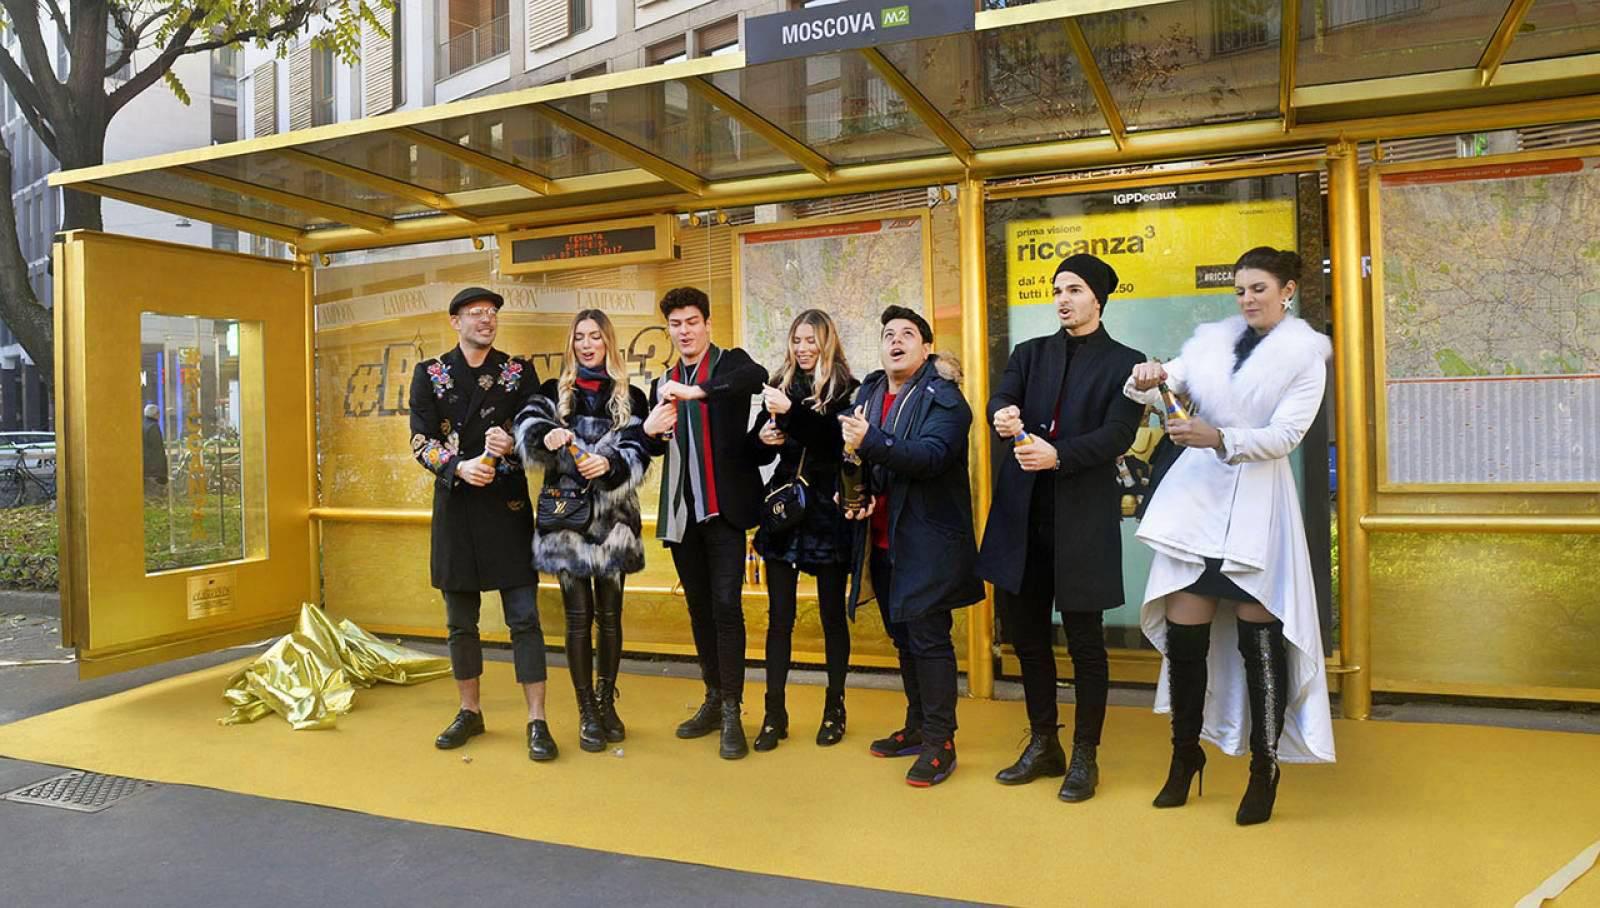 IGPDecaux Milano pensilina in oro per Riccanza MTV